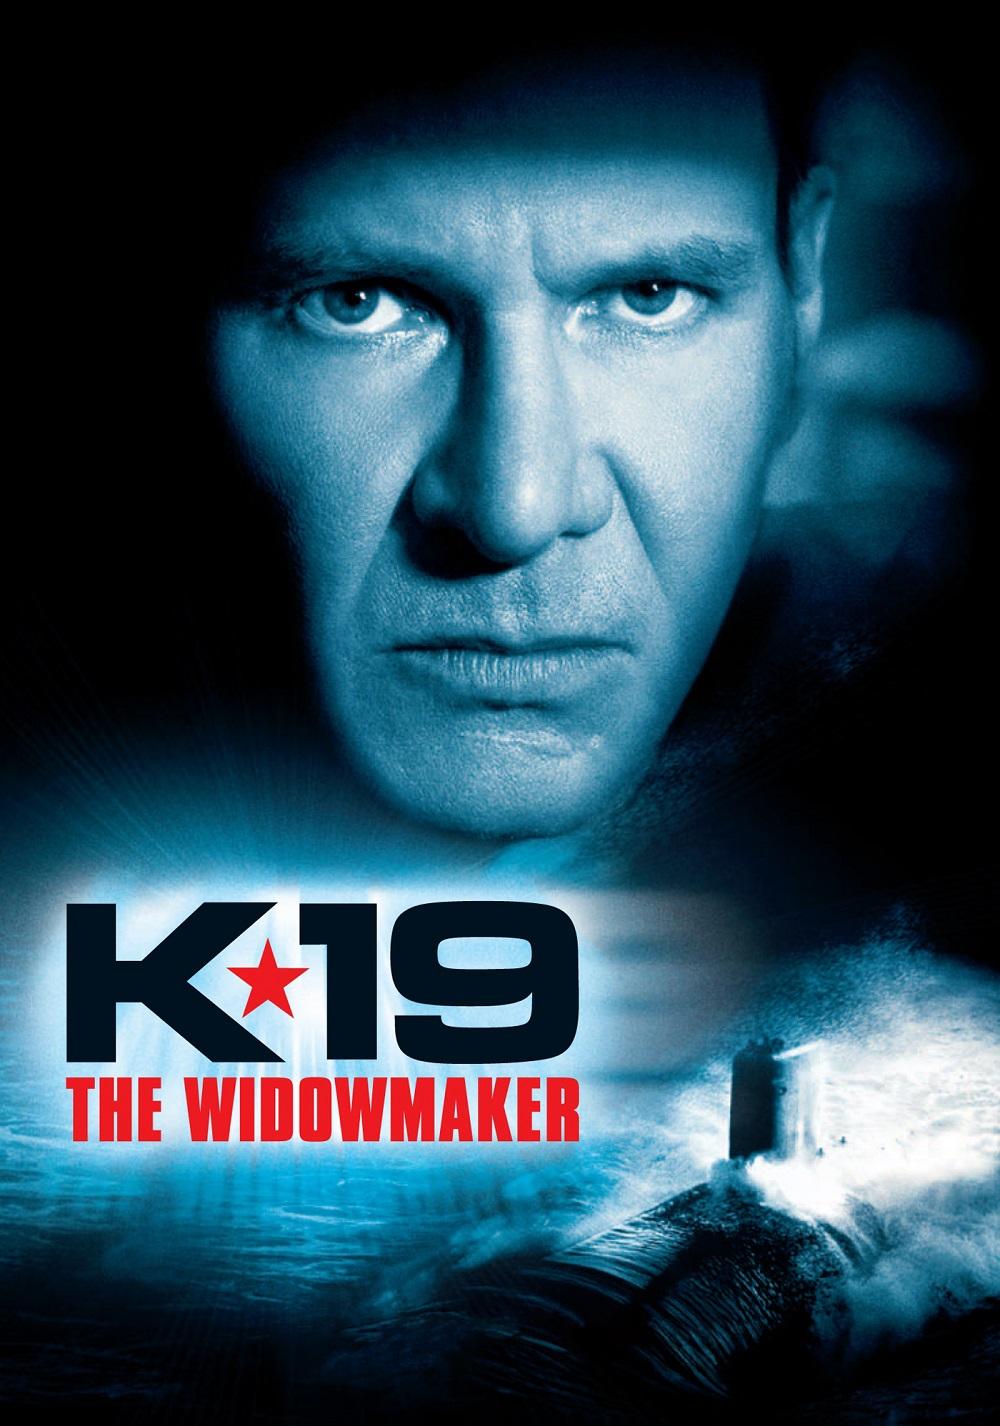 k19 the widowmaker movie fanart fanarttv